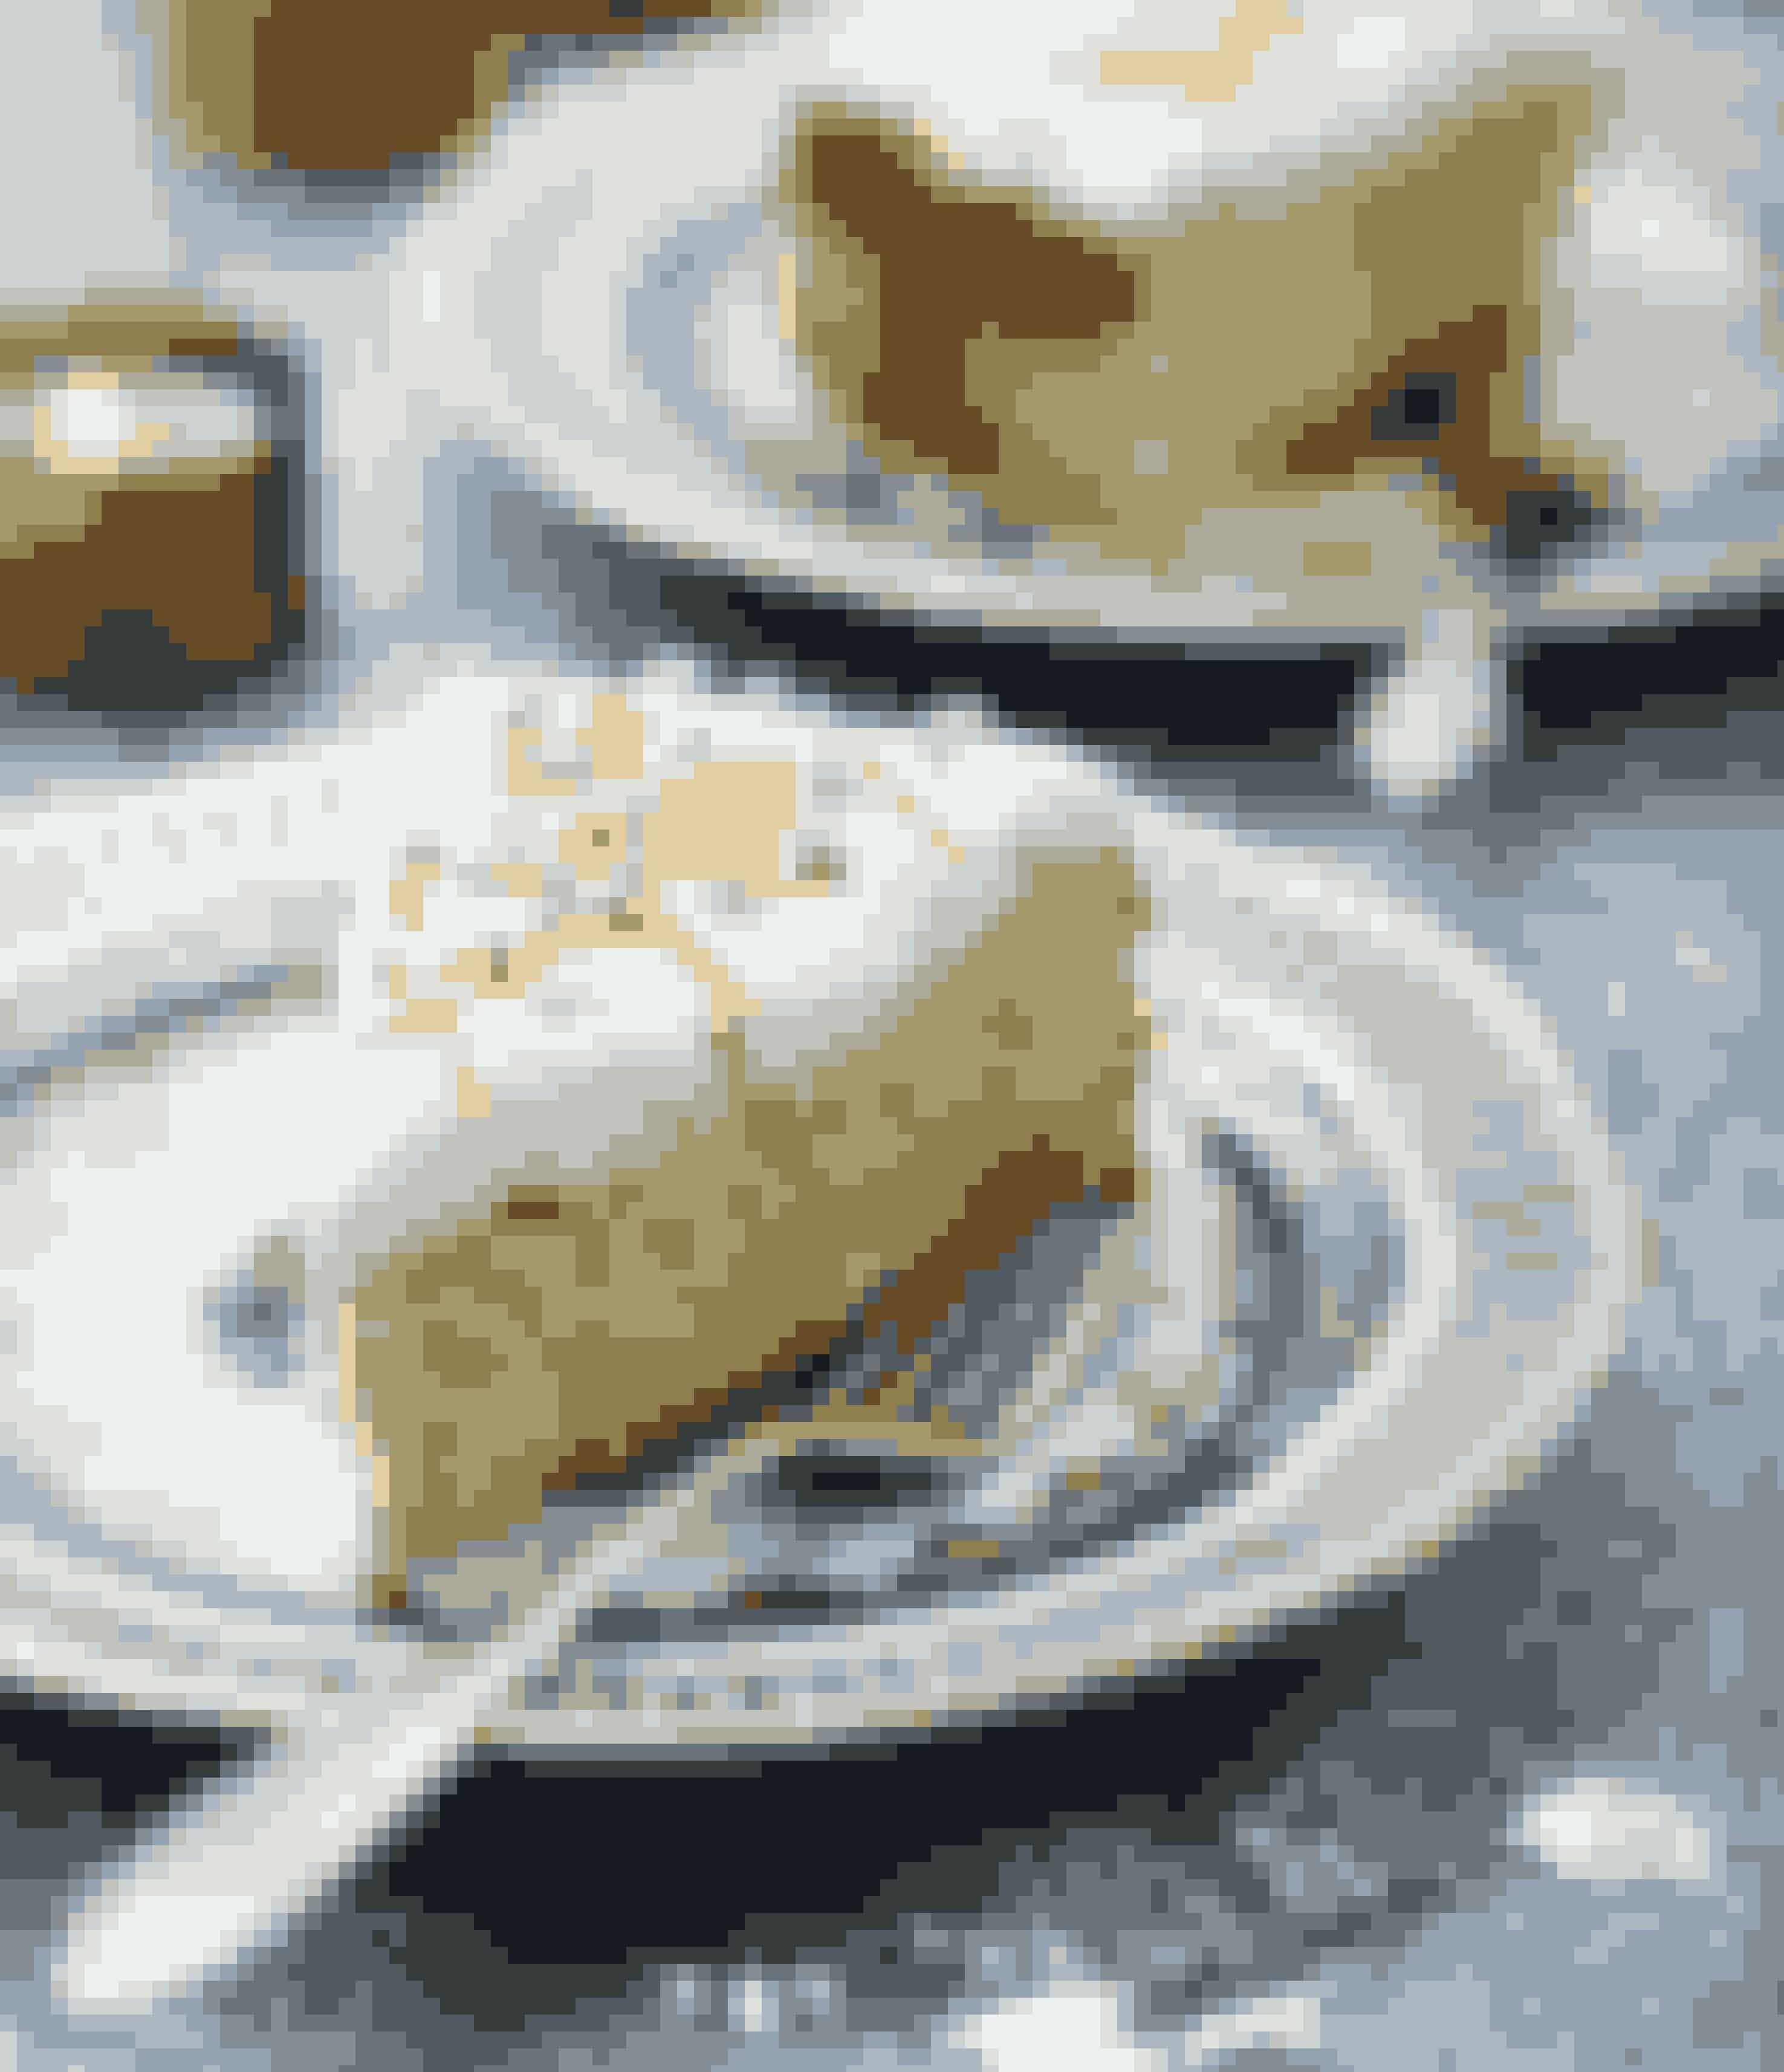 En blød og saftig marcipankage med enfrisk smag af appelsin.Tid: 25-30 minutter. Bagetid: 25-30 minutter.Antal kagestykker: Ca. 12Det skal du bruge for at lave himmelsk appelsinkage med ricotta150 g blødt smør300 g marcipan5 store ægSkal af 2 appelsiner, usprøjtede250 g ricotta½ dl hvedemelEn springform (ca. 20 cm i diameter)Bagepapir og smør eller olie til formen Appelsinfrosting: 200 g fl ødeost naturel, saft af 1 appelsin, 50 g flormelisPynt: sølvkugler og revet appelsinskalSådan laver du himmelsk appelsinkage med ricotta1. Tænd ovnen på 175º. Beklæd springformenmed bagepapir i bunden, og smør kanterne.2. Rør smør og marcipan cremet med en elpisker.Tilsæt æg 1 ad gangen under piskning.3. Riv skallen på begge appelsiner fi nt (gemlidt til pynt). Pres saften af den ene appelsin,og gem saften til glasuren. Rør appelsinskalleni dejen sammen med ricotta og mel.4. Fordel dejen i springformen, og bag kagen i25-30 minutter. Tjek med en strikkepind, atden er gennembagt. Lad den afkøle i formen.5. Appelsinfrosting: Rør flødeost sammenmed flormelis og appelsinsaft.6. Smør appelsinfrosting på kagen, og pyntmed revet appelsinskal og sølvkugler.